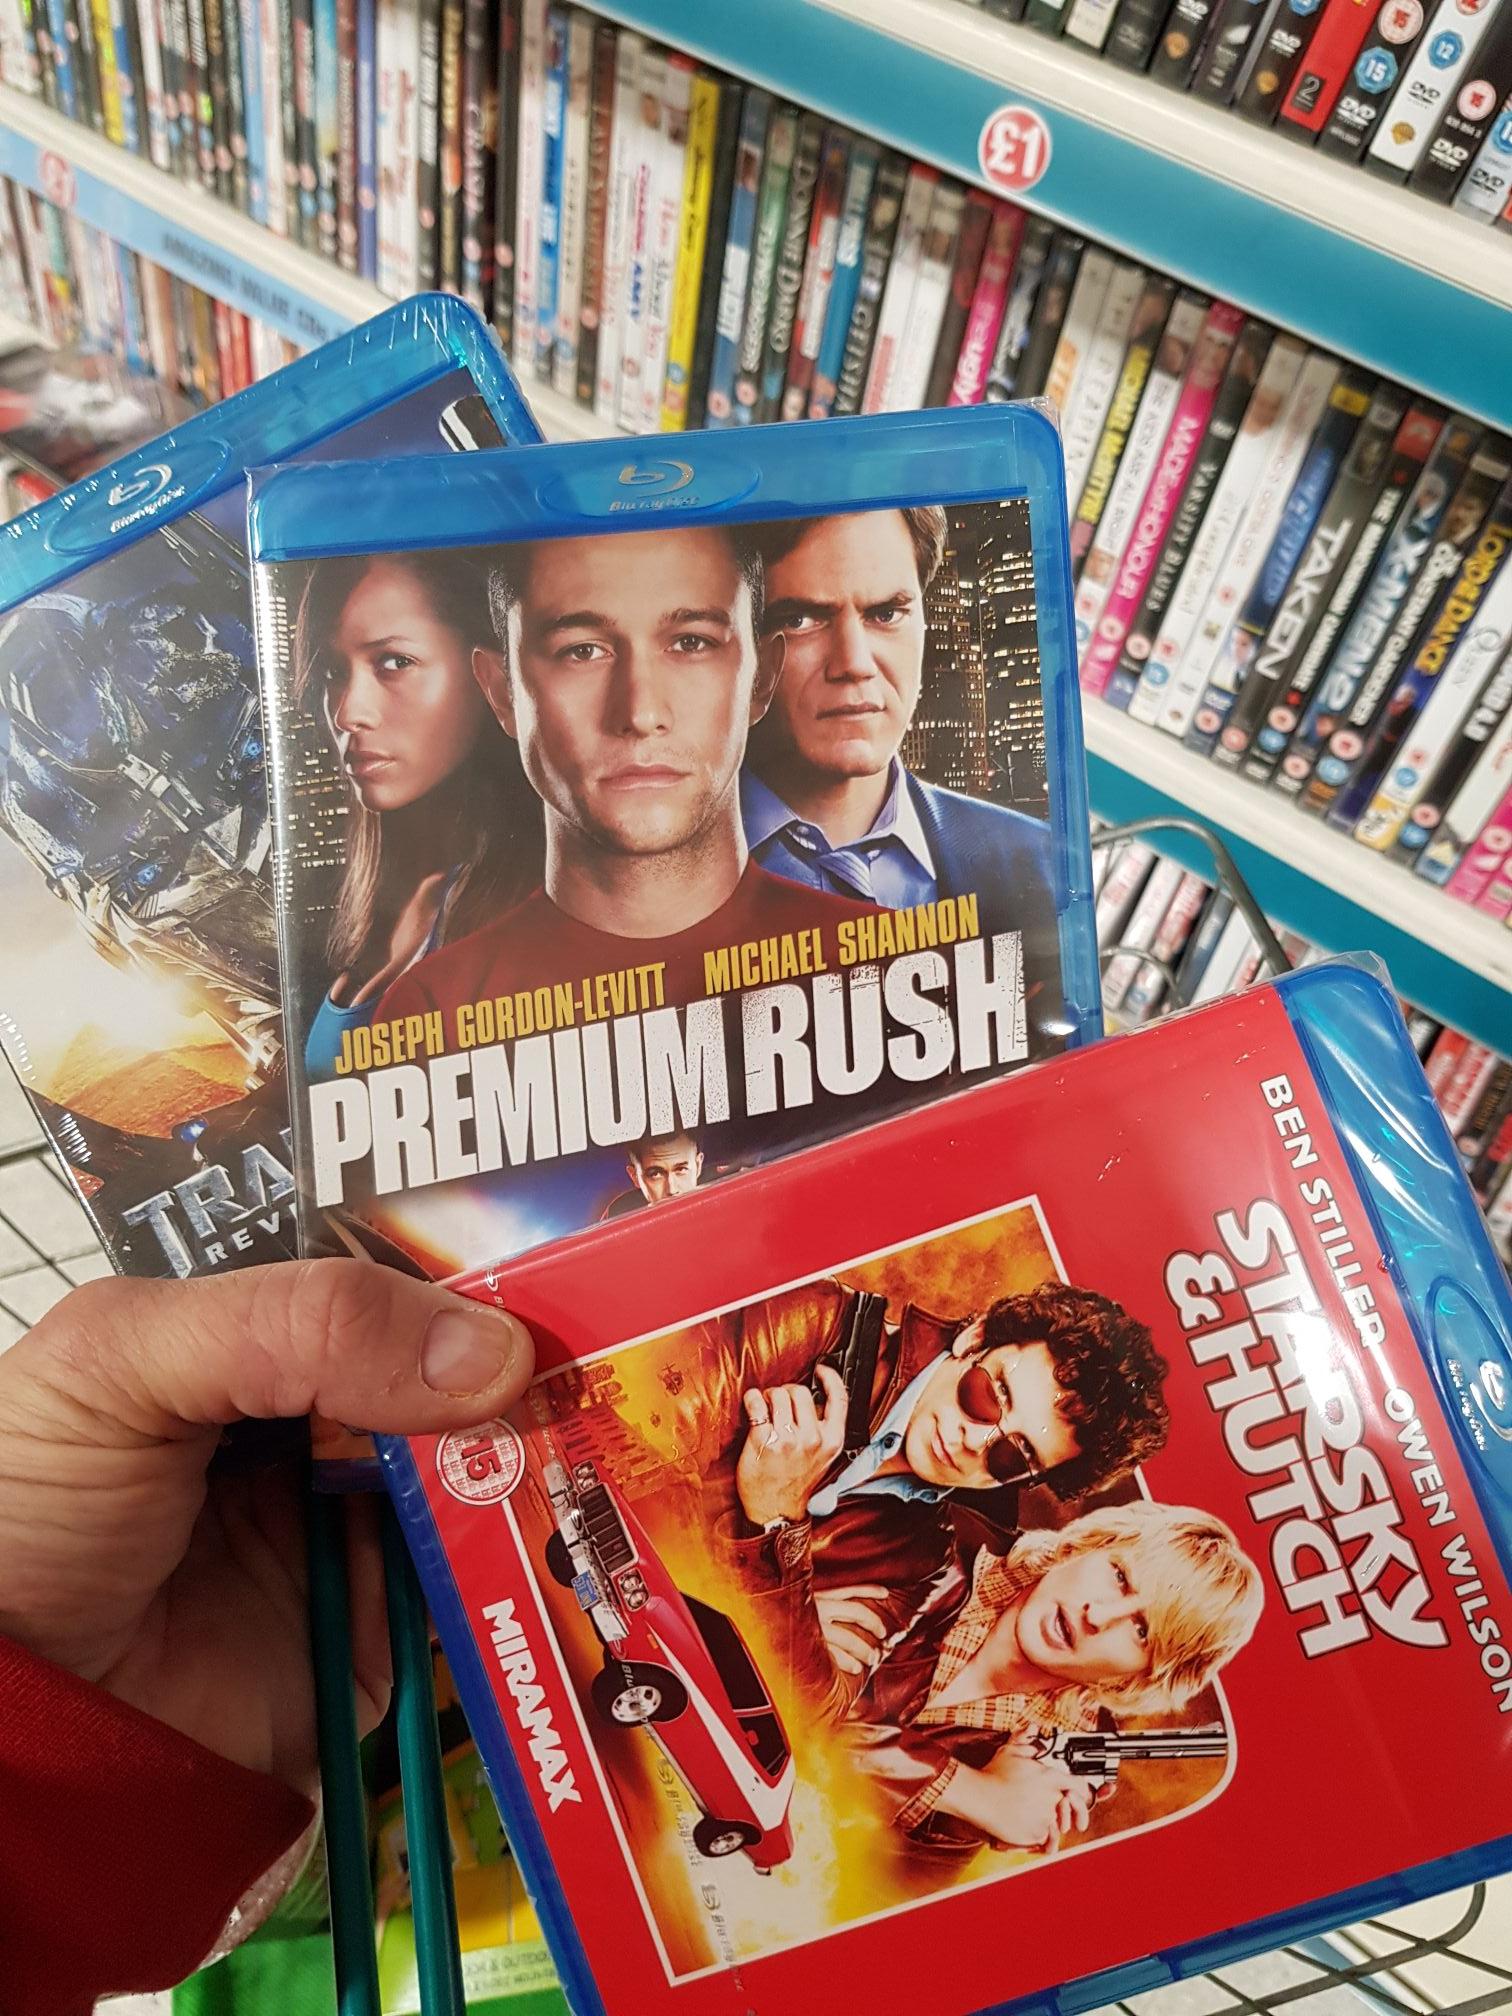 Premium rush plus others on bluray. £1 @ poundland